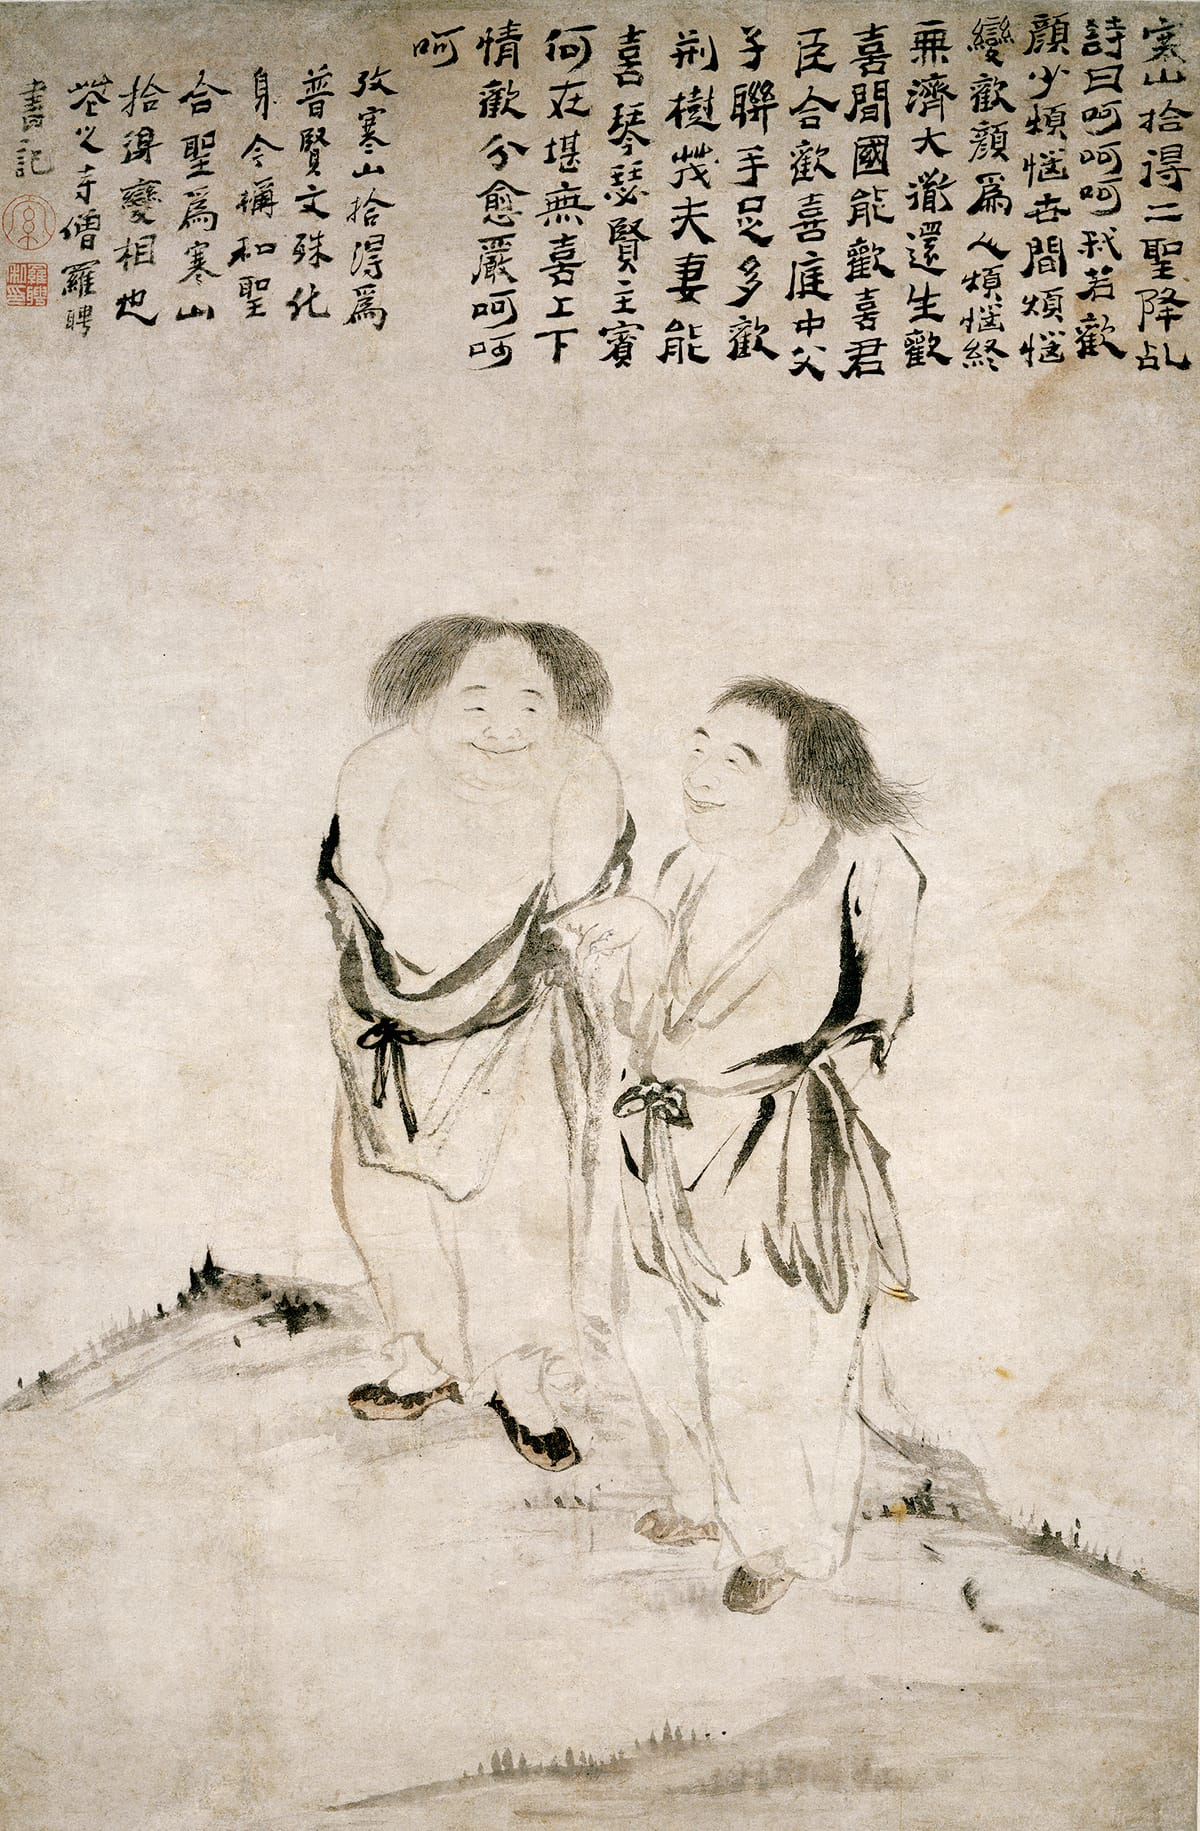 Zen Koan Shambhala Sun Buddhism